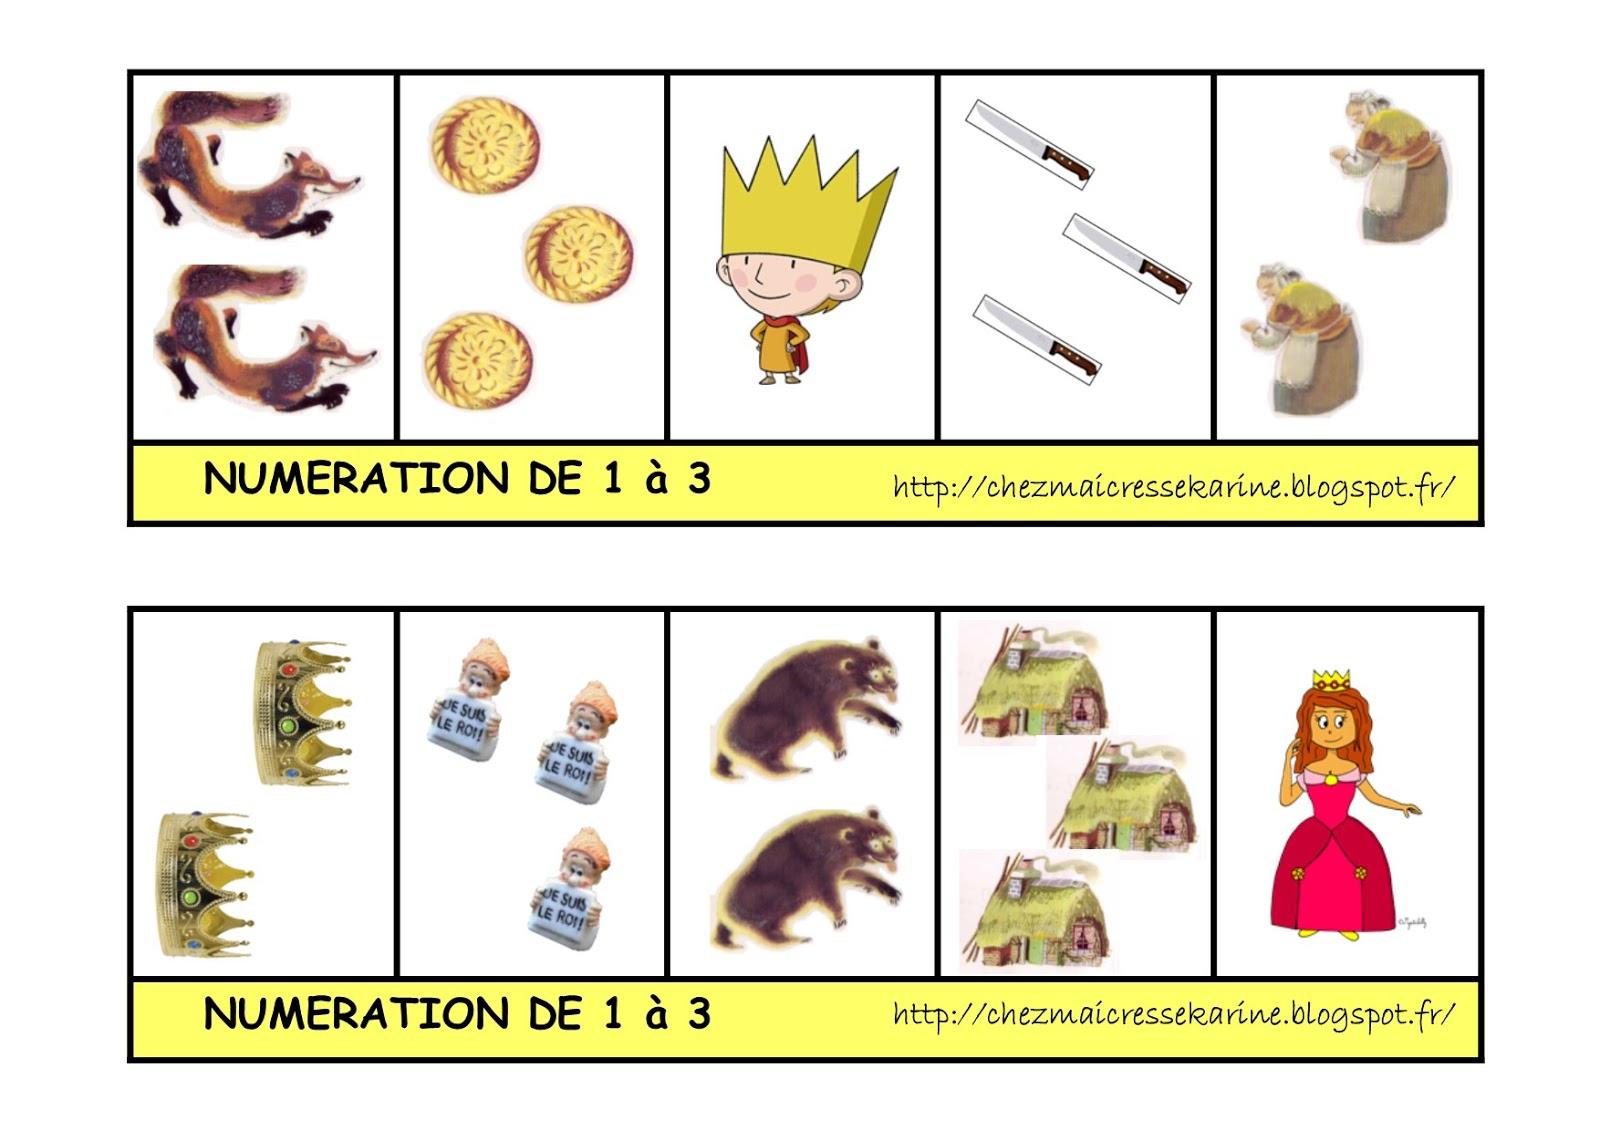 Ms-Gs - Toujours Rien ? - Puzzle De Couverture - École dedans Maicresse Karine